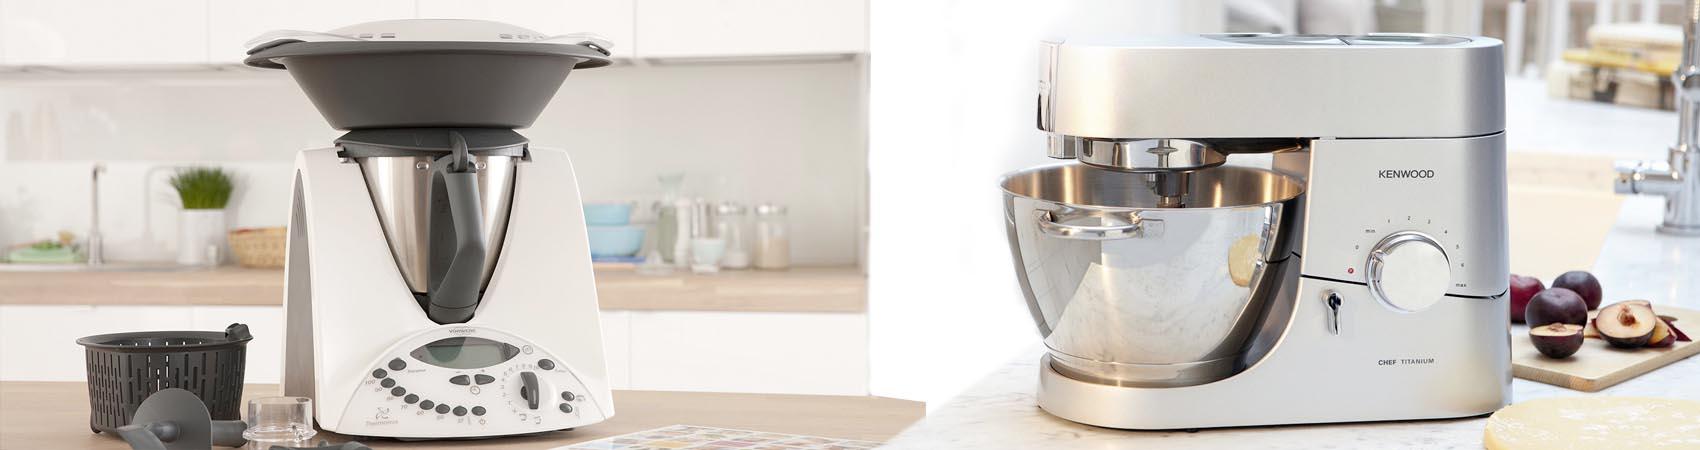 Robot da cucina a confronto